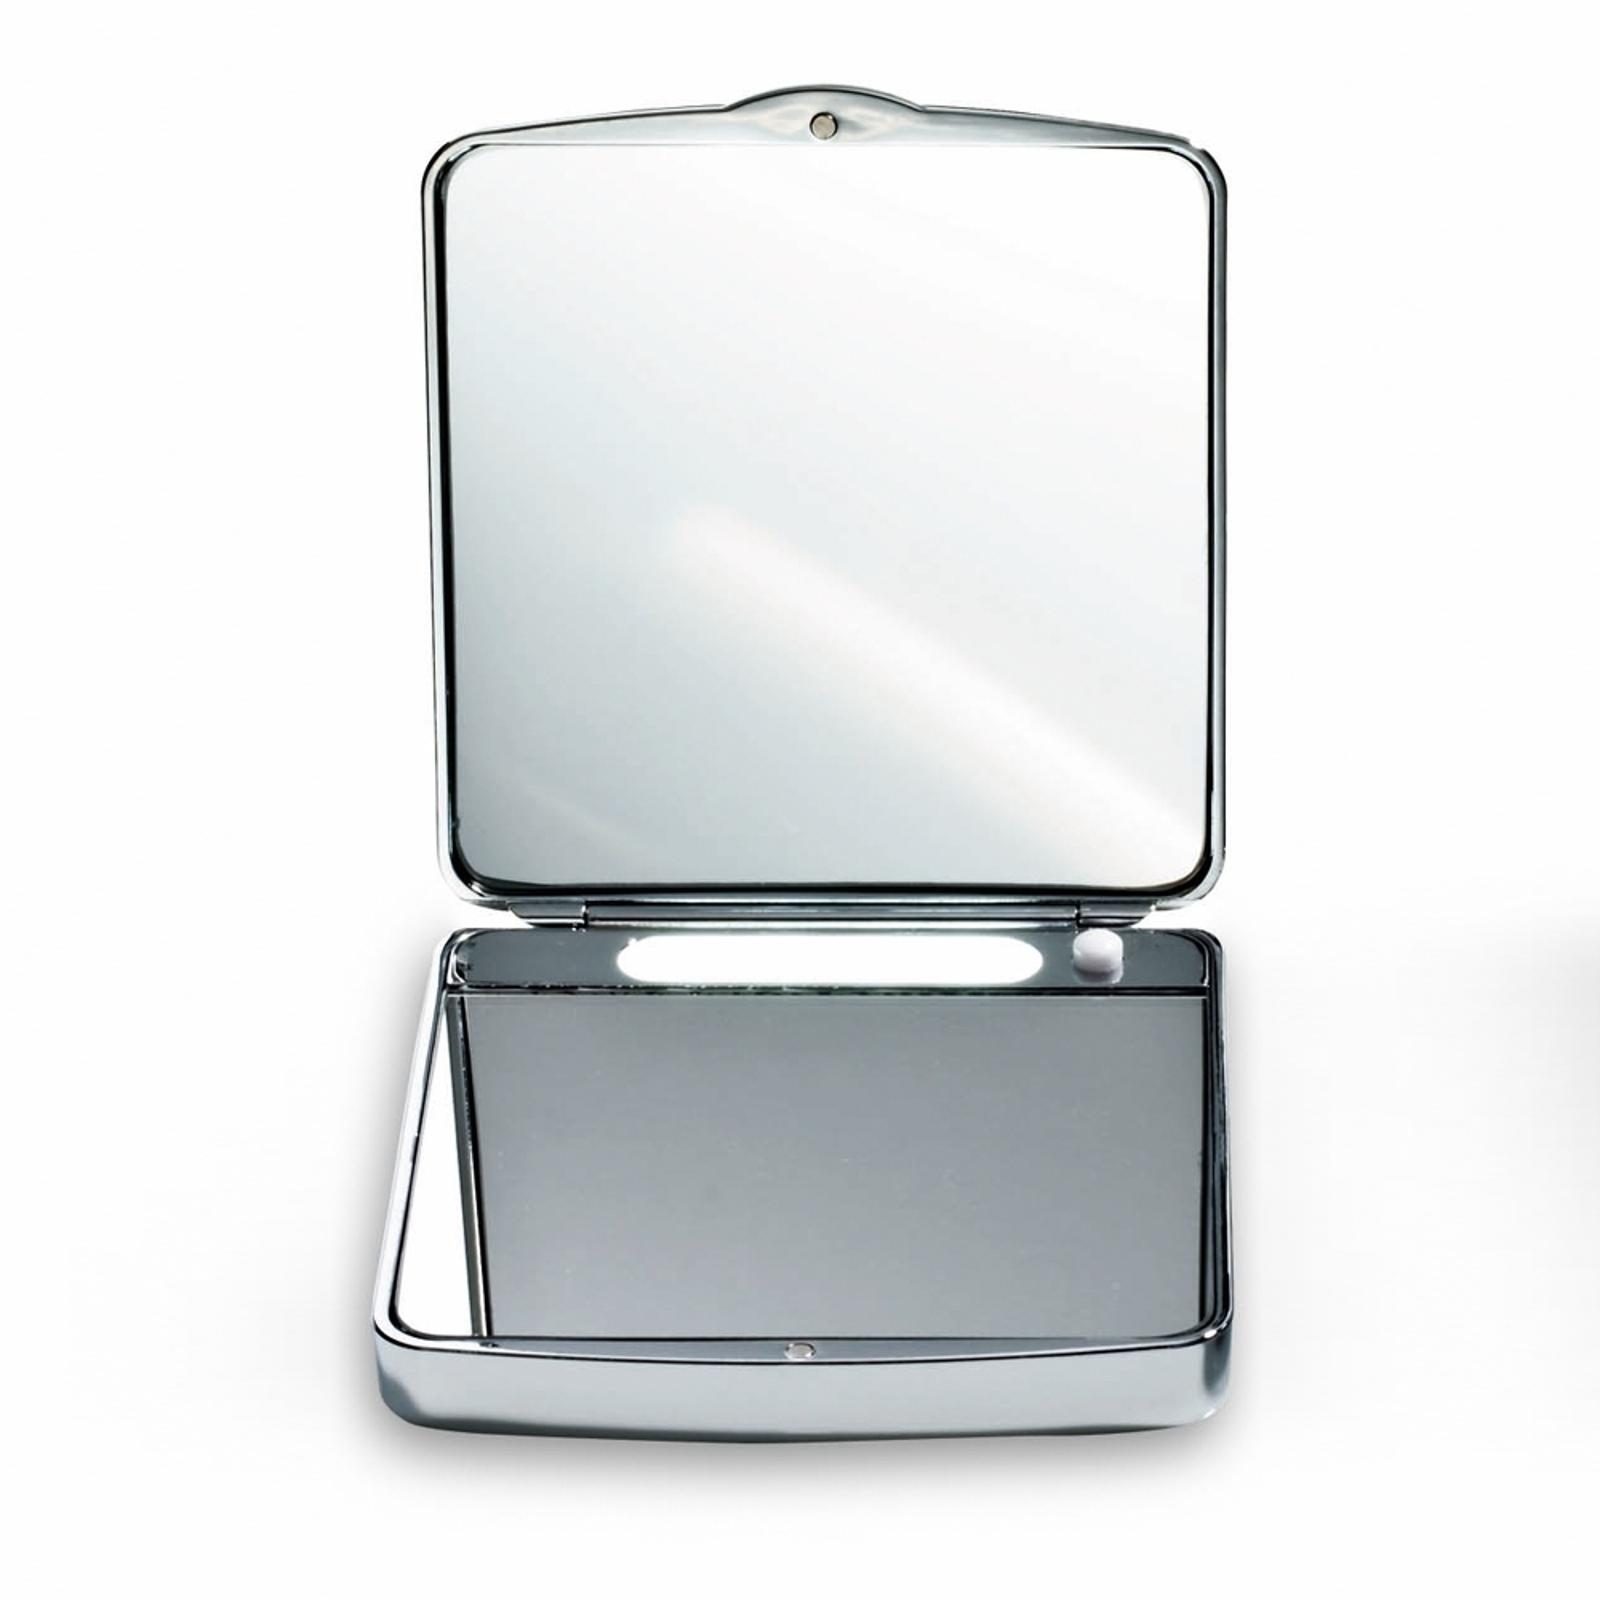 TS 1 illuminated pocket mirror_2504356_1